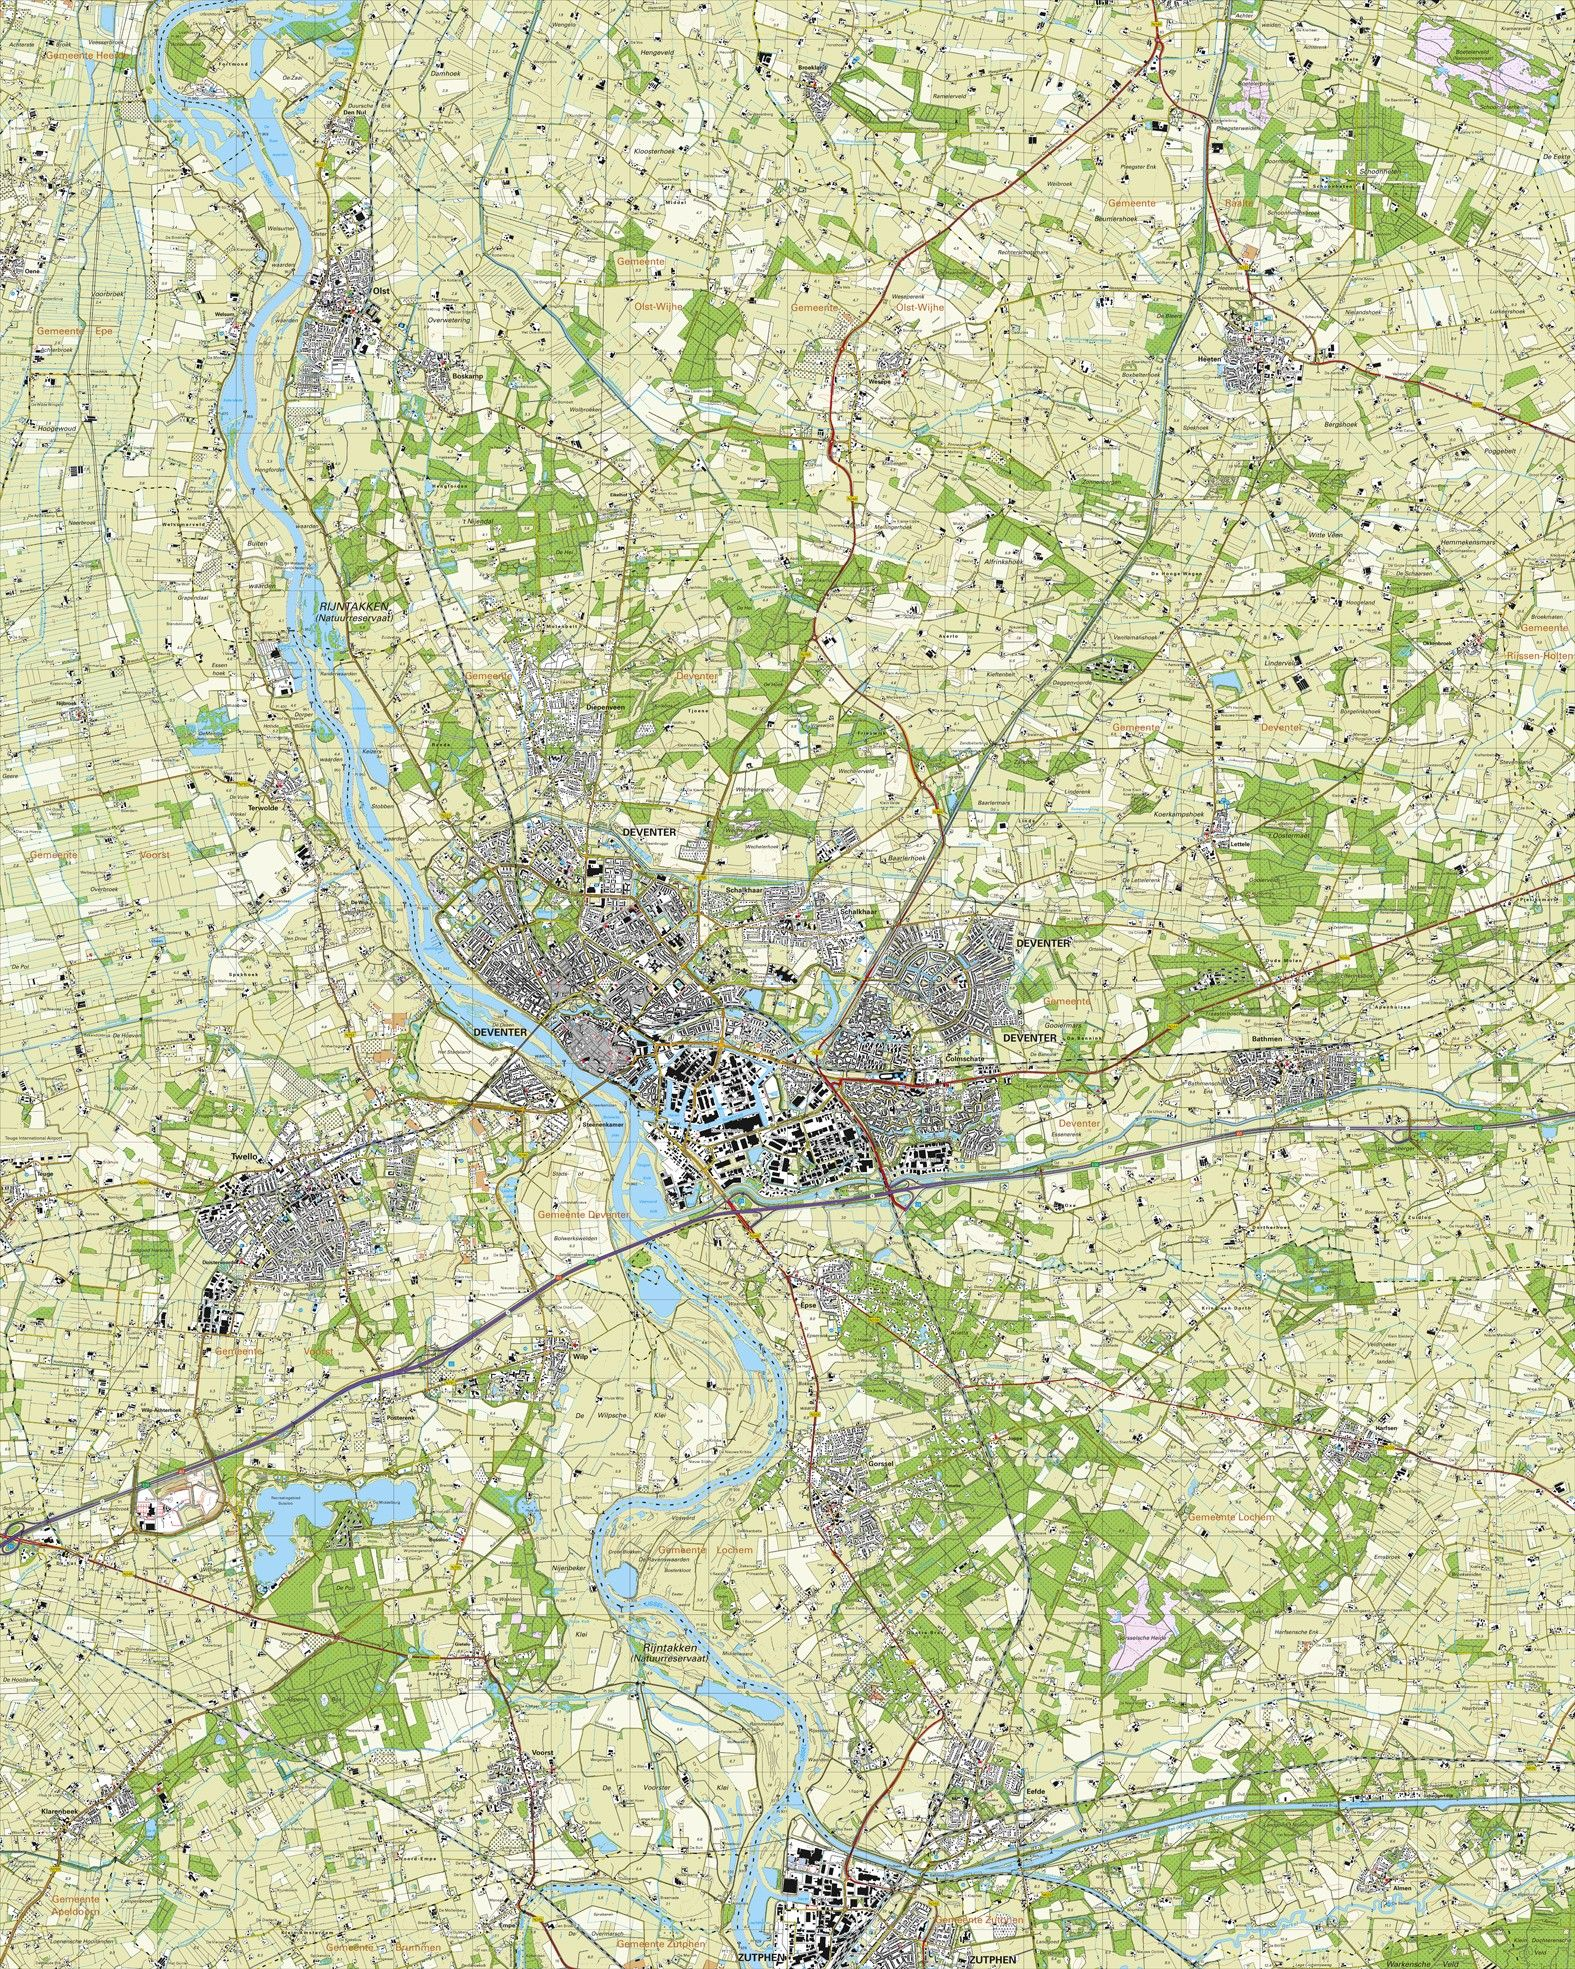 Topografische kaart schaal 1:25.000 (Deventer, Twello, Olst, Zutphen, Gorssel, Bathmen)